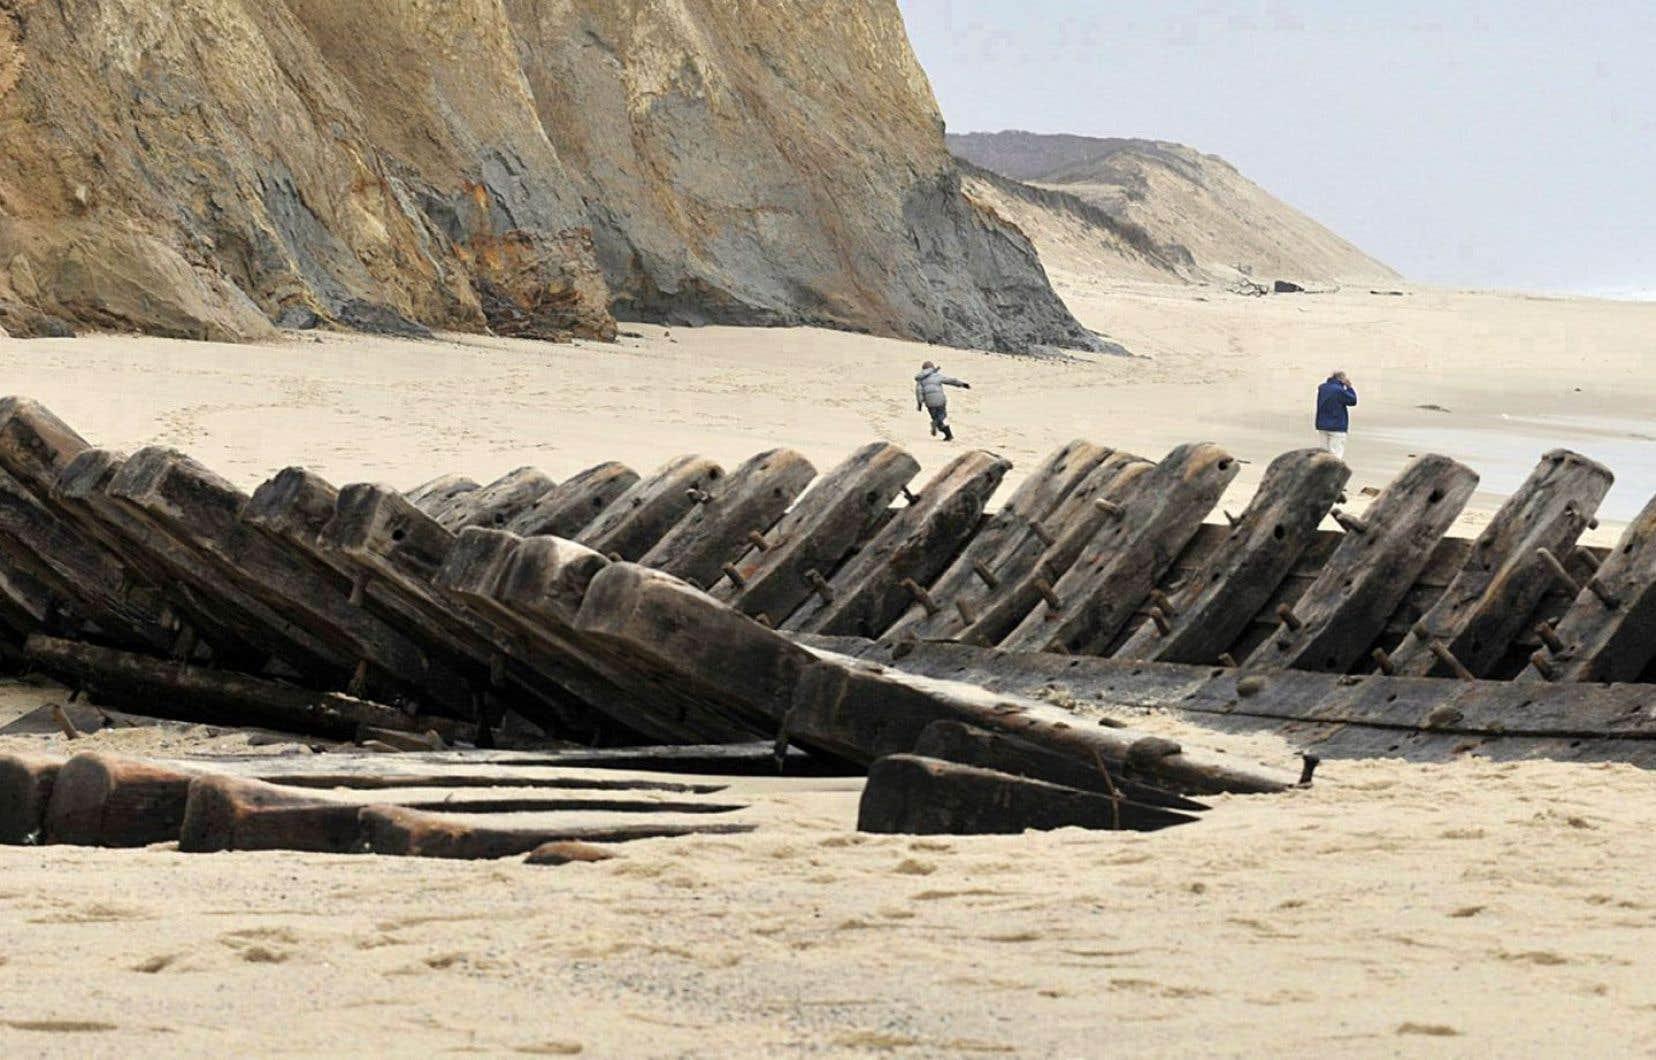 Douze histoires de plage et une noyade. Le titre du recueil ne laisse présager qu'une seule mort. Elle hante pourtant le sable chaud de Wellfleet, Cape Cod, sur lequel chacun des treize auteurs dépose sa serviette.